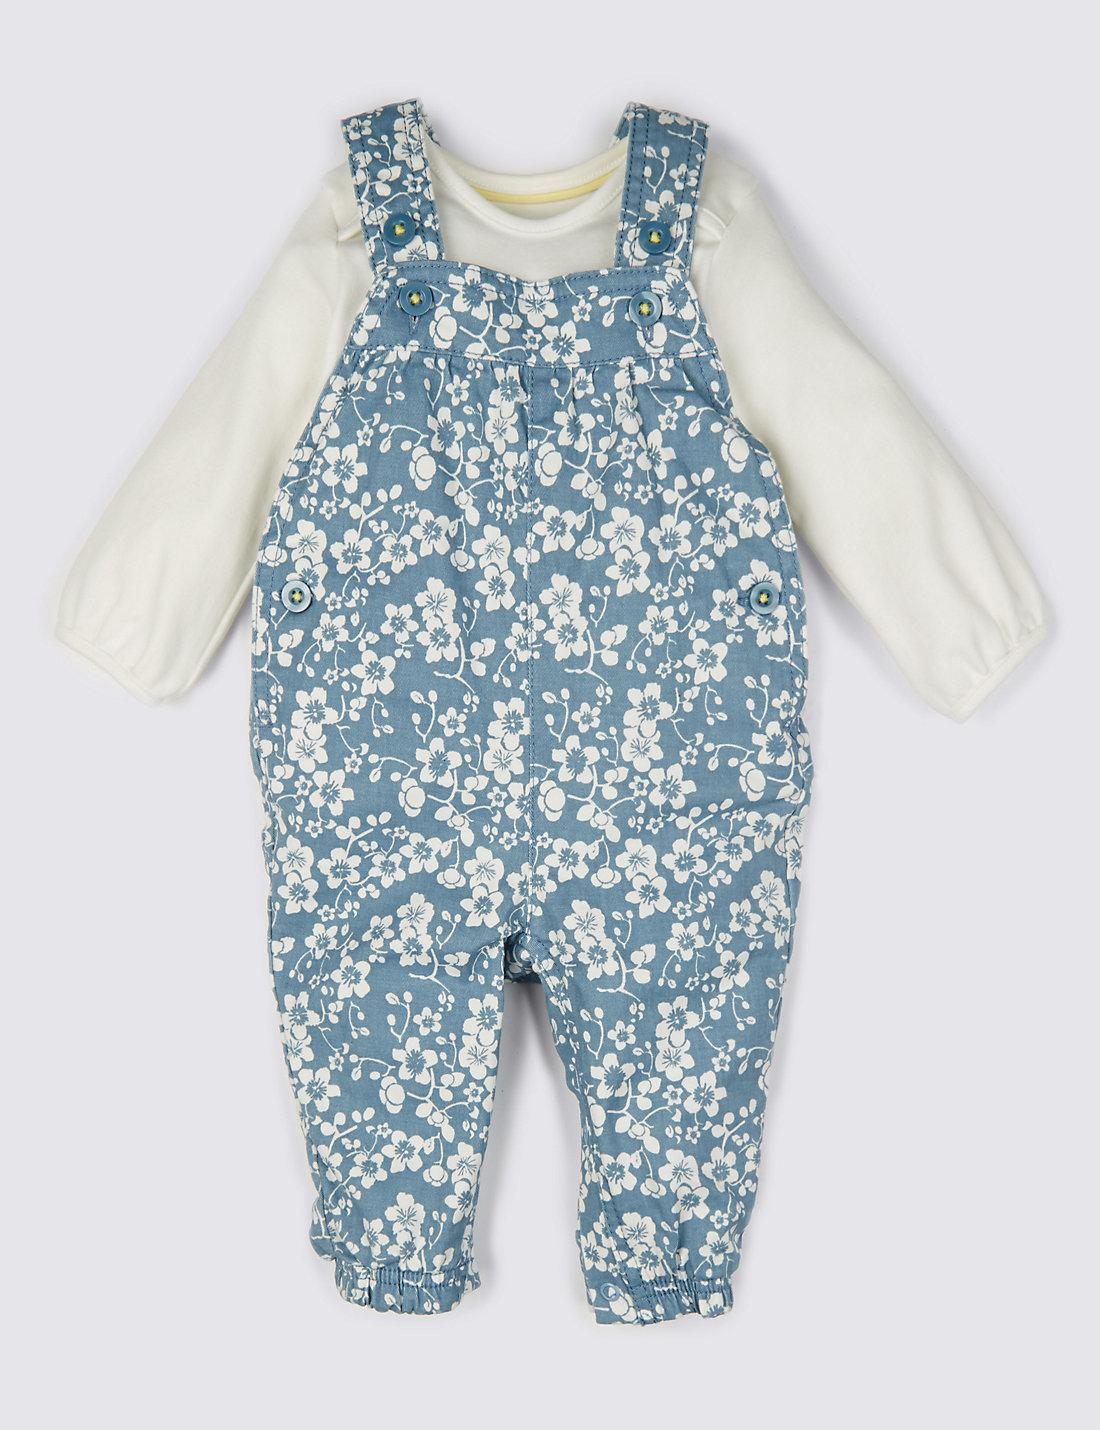 2 Piece Cotton Rich Bodysuit & Dungaree Outfit